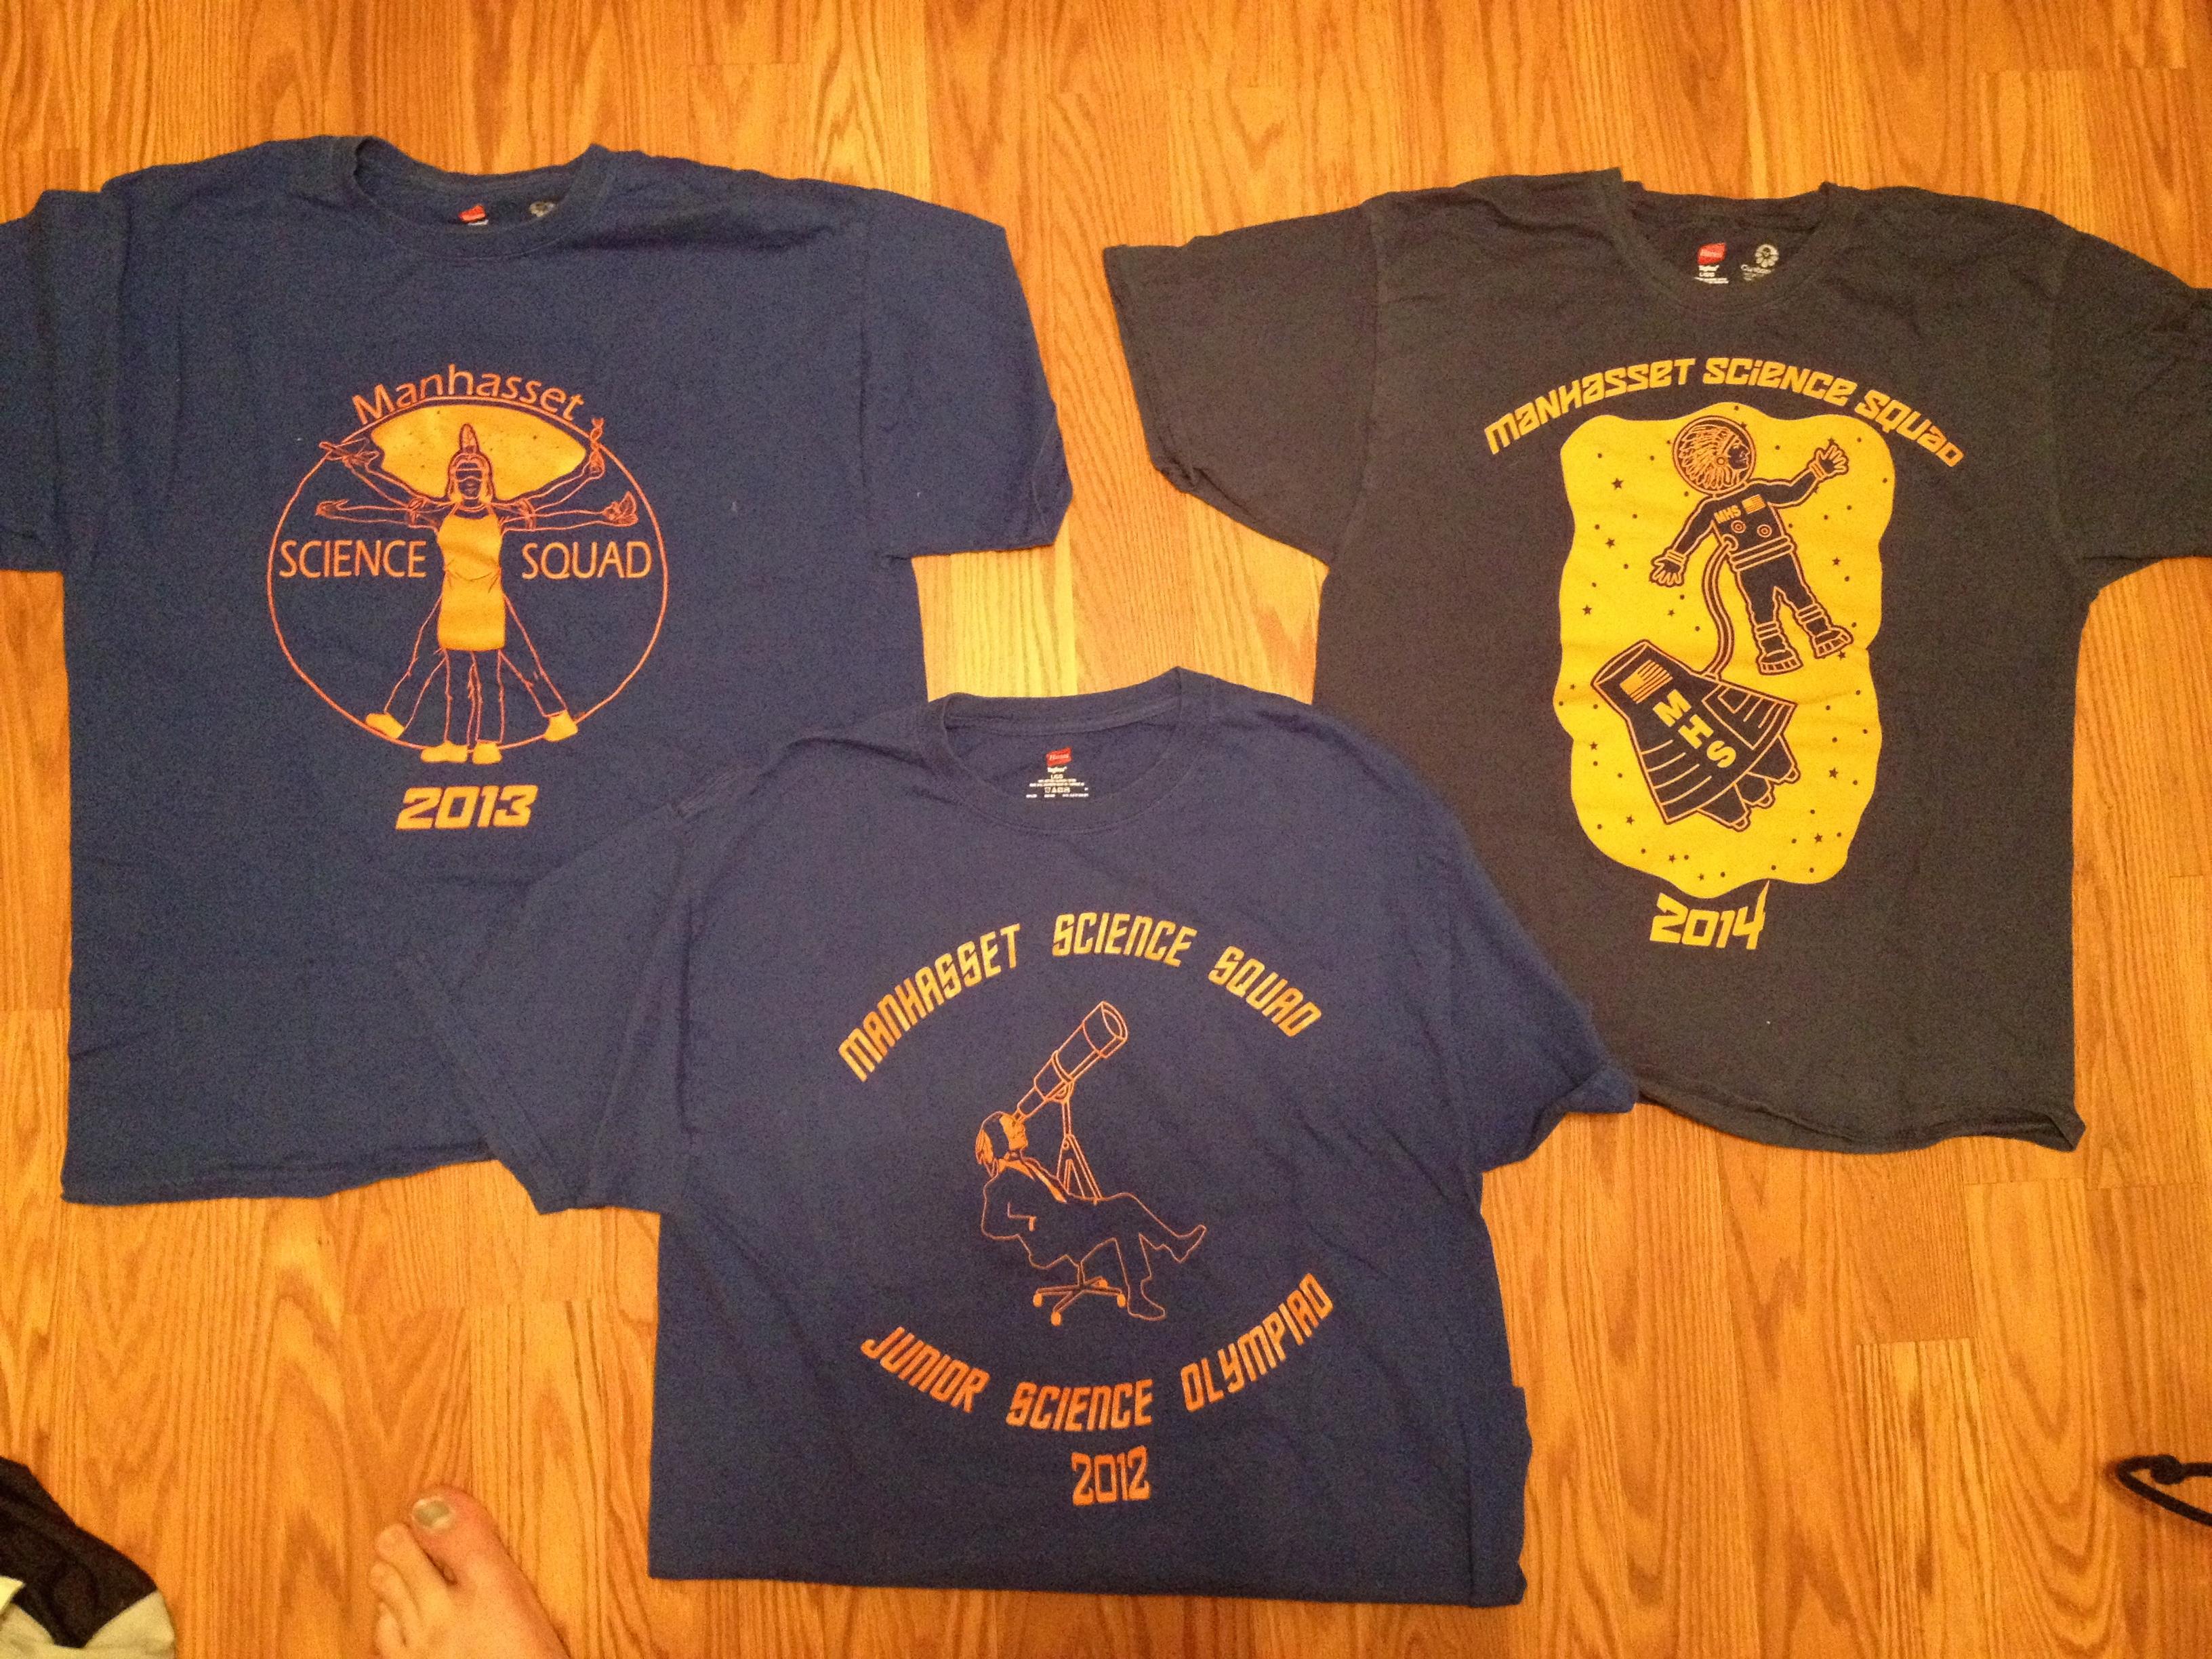 Science olympiad science olympiad for Science olympiad t shirt designs